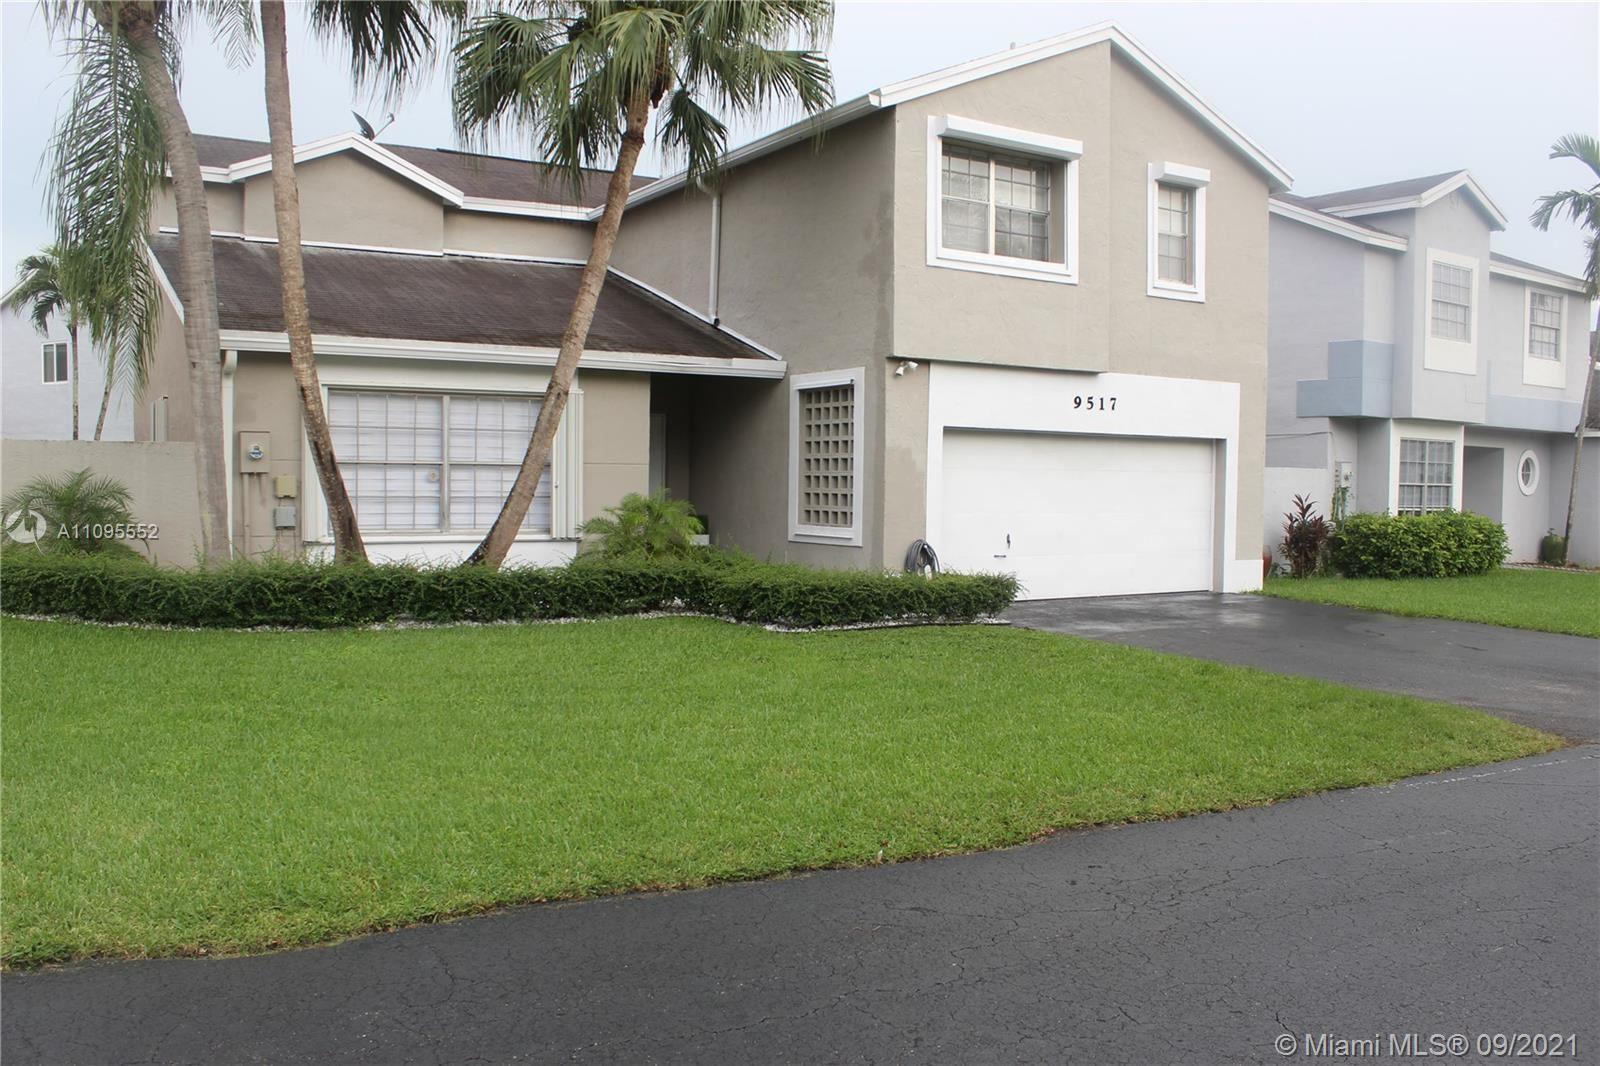 9517 SW 146th Pl, Miami, FL 33186 - #: A11095552